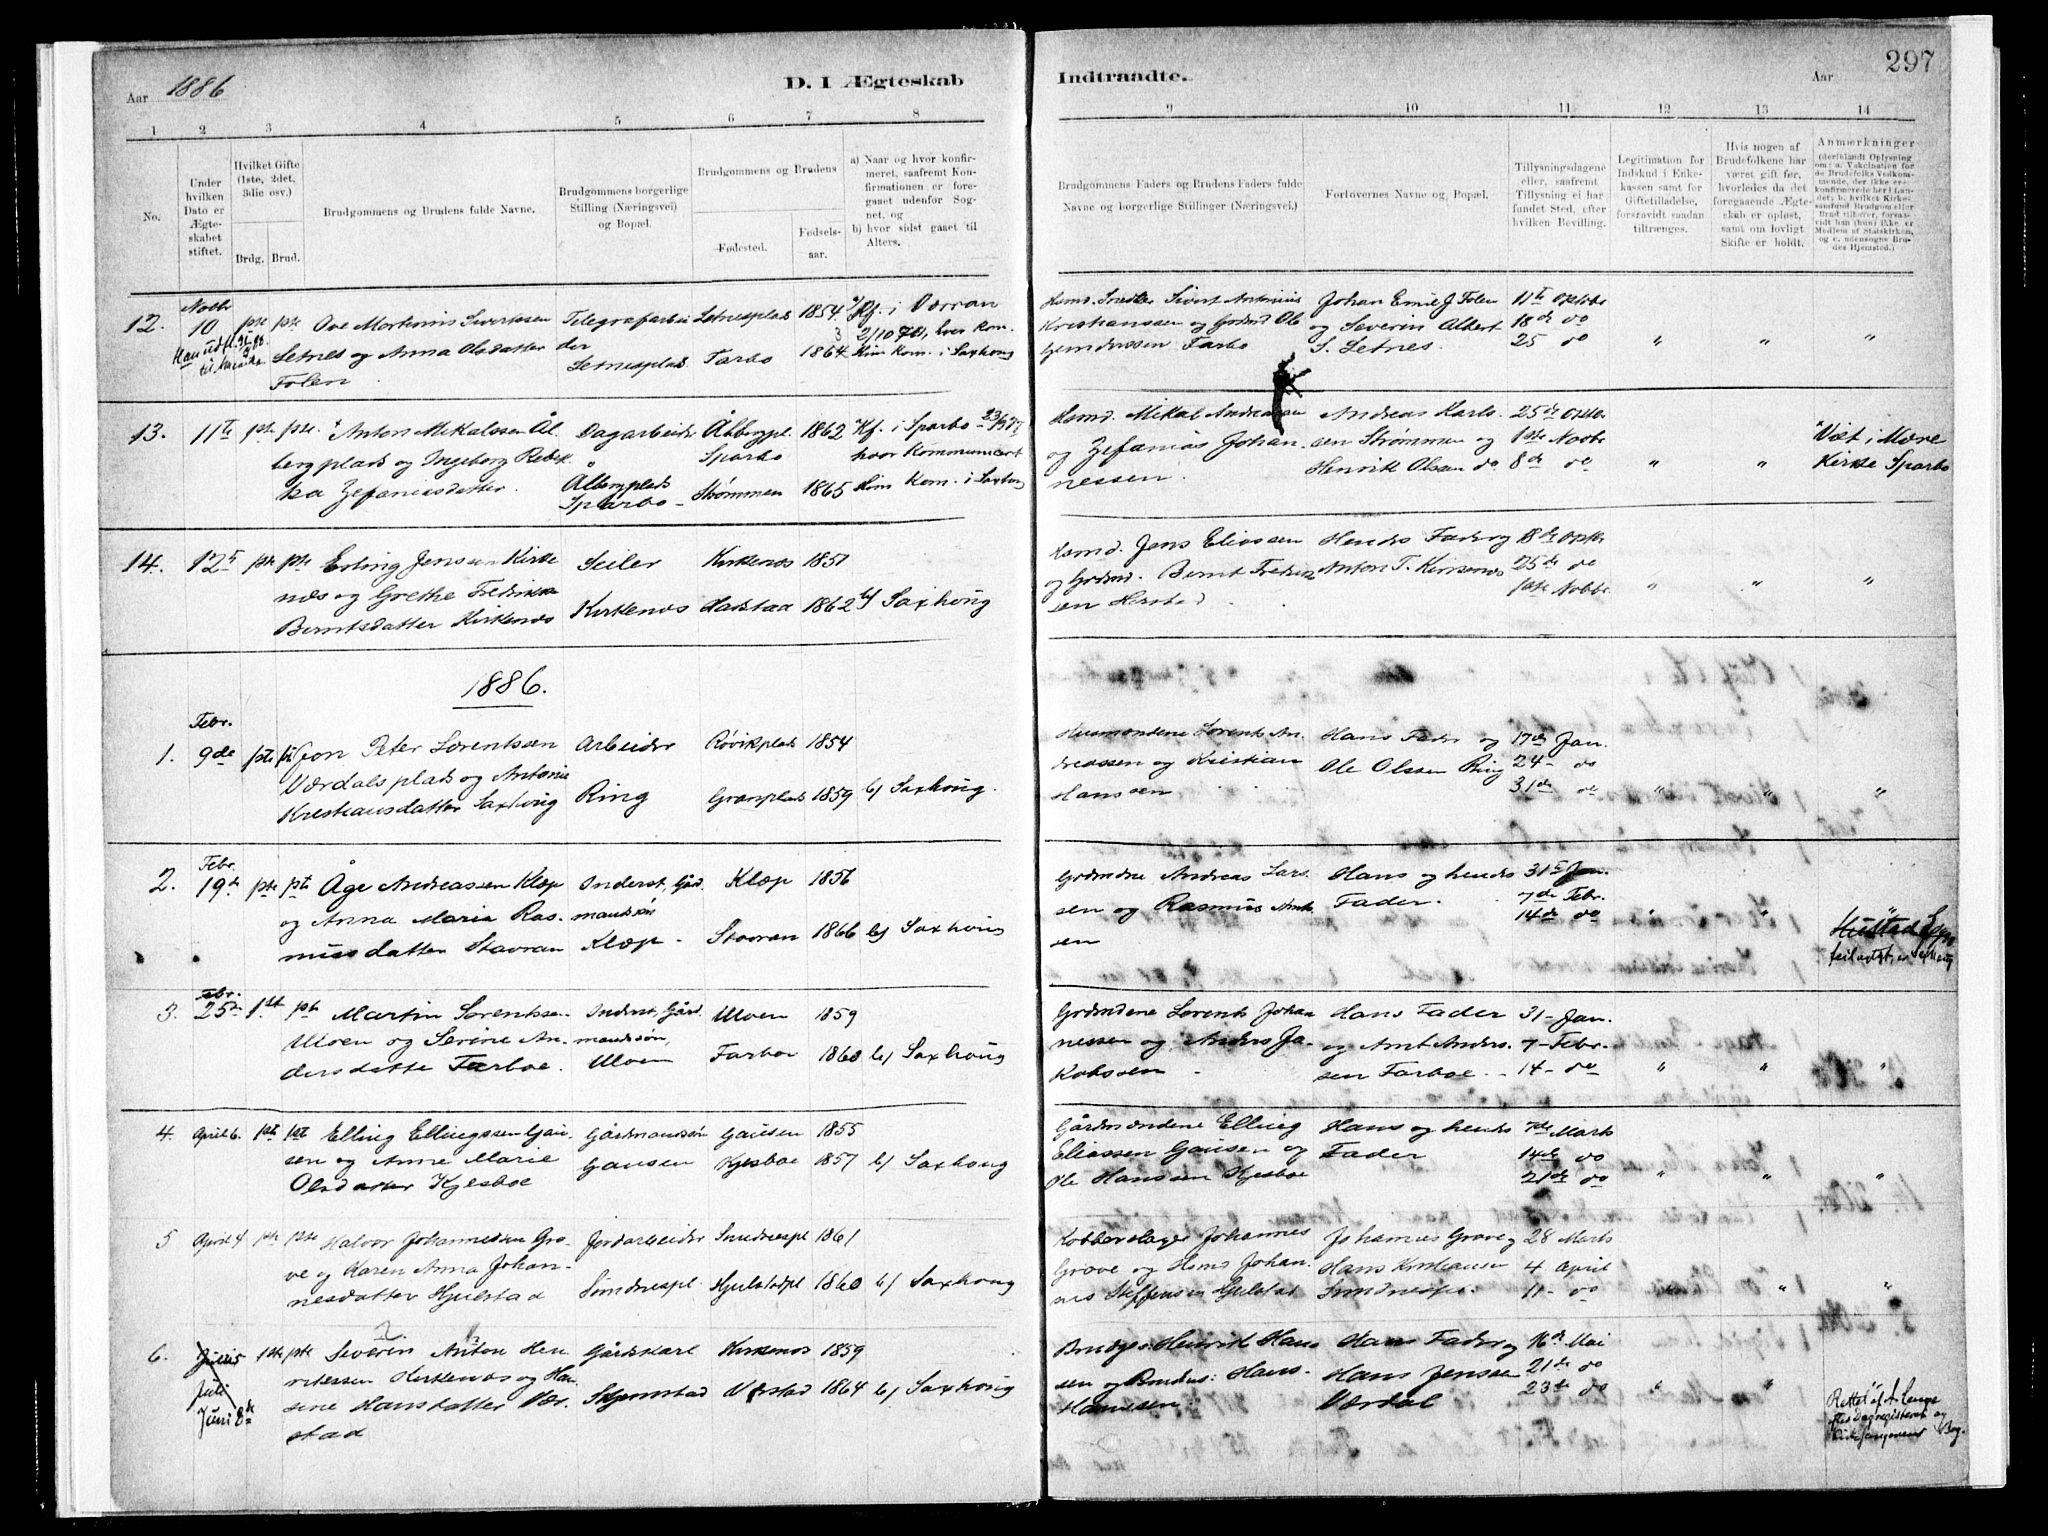 SAT, Ministerialprotokoller, klokkerbøker og fødselsregistre - Nord-Trøndelag, 730/L0285: Ministerialbok nr. 730A10, 1879-1914, s. 297